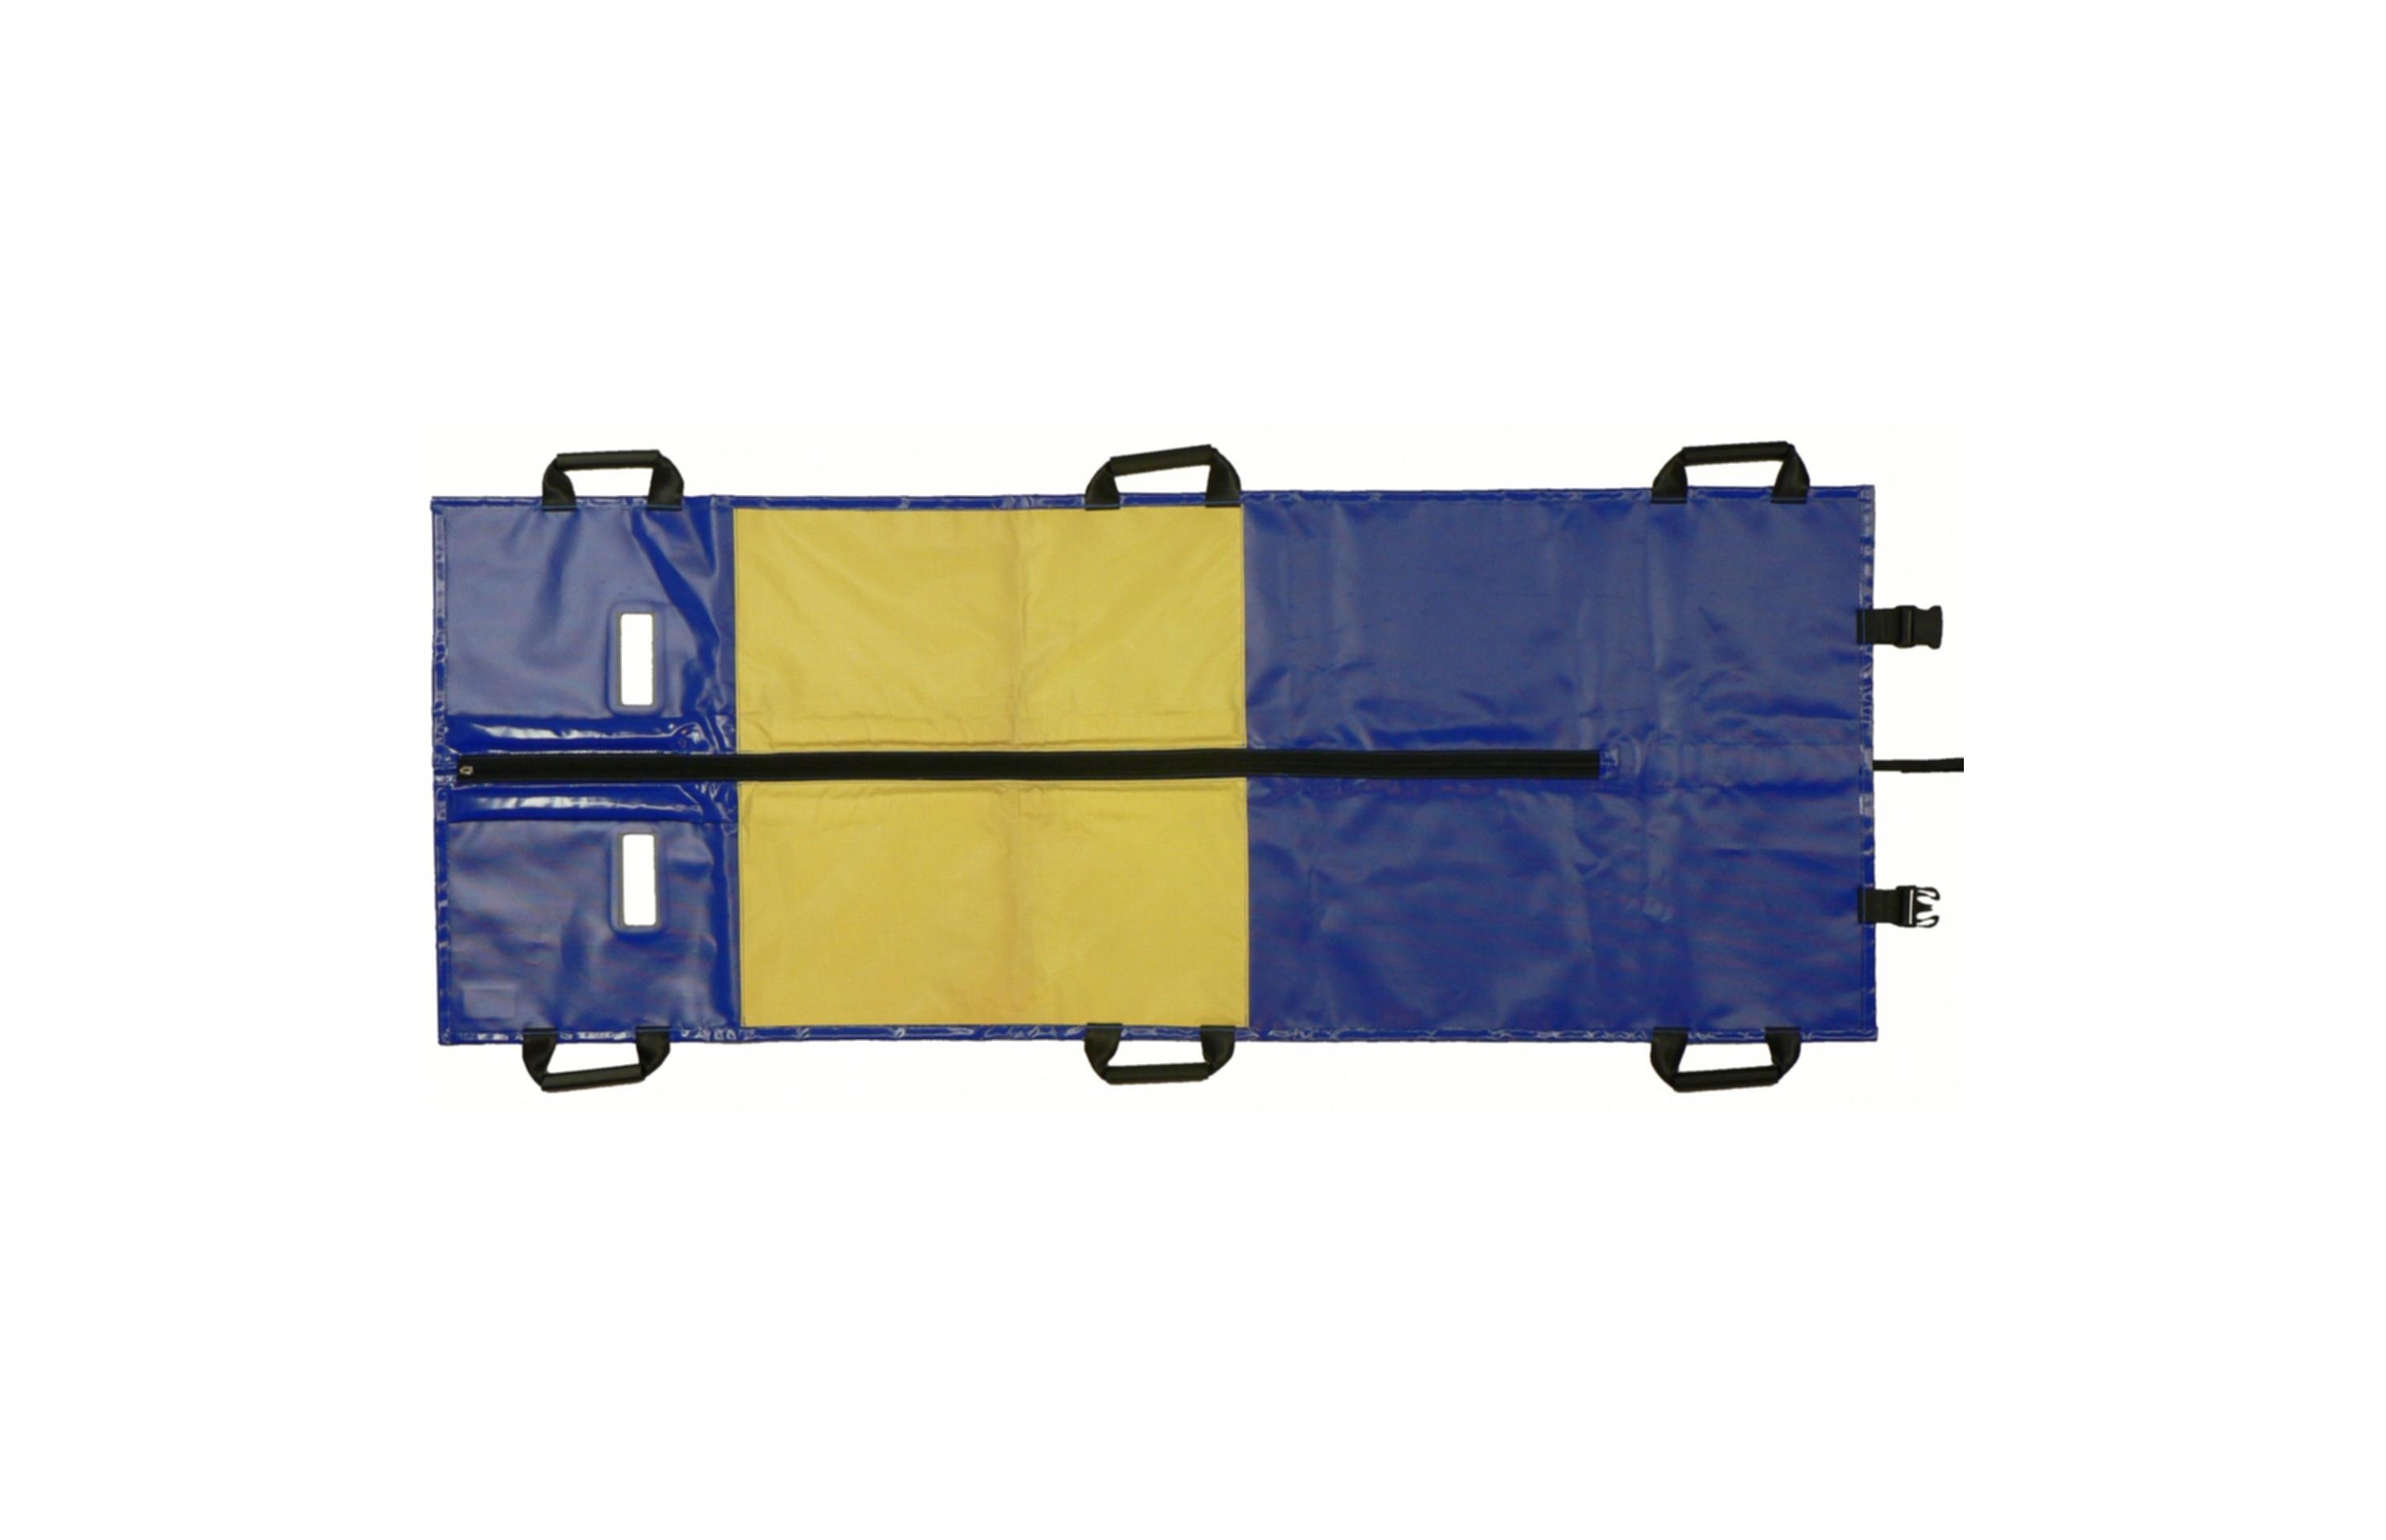 Rettungstuch bis 150 kg, mit 6 Griffe, teilbar, Gurtdurchlass, Rollboardfunktion